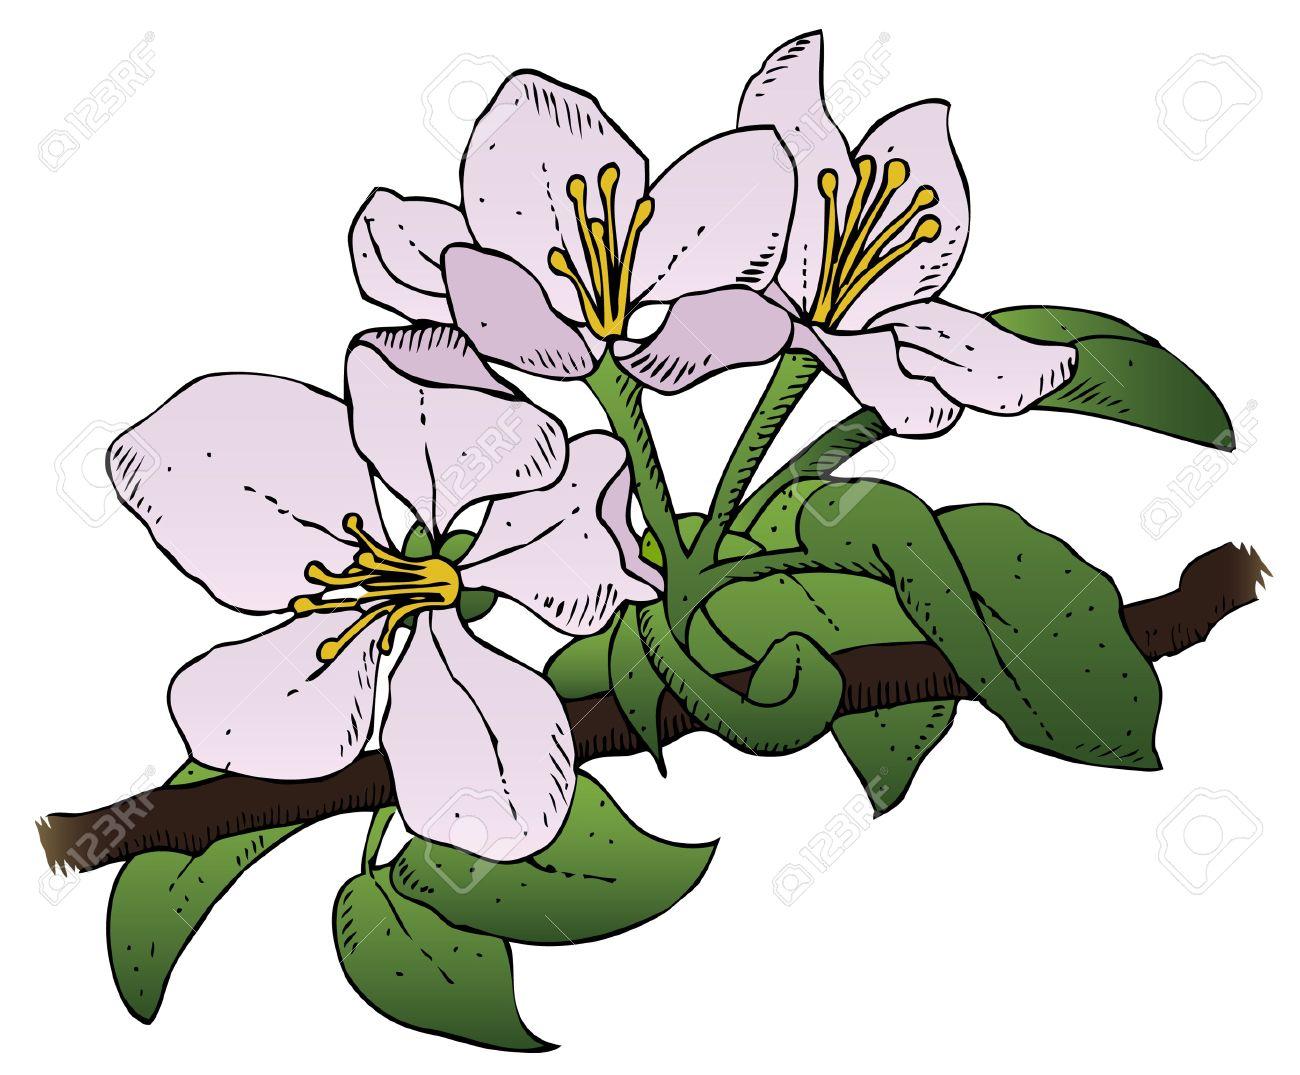 Un Dessin Réaliste D Un Groupe De Fleurs De Pommier Sur Une Branche